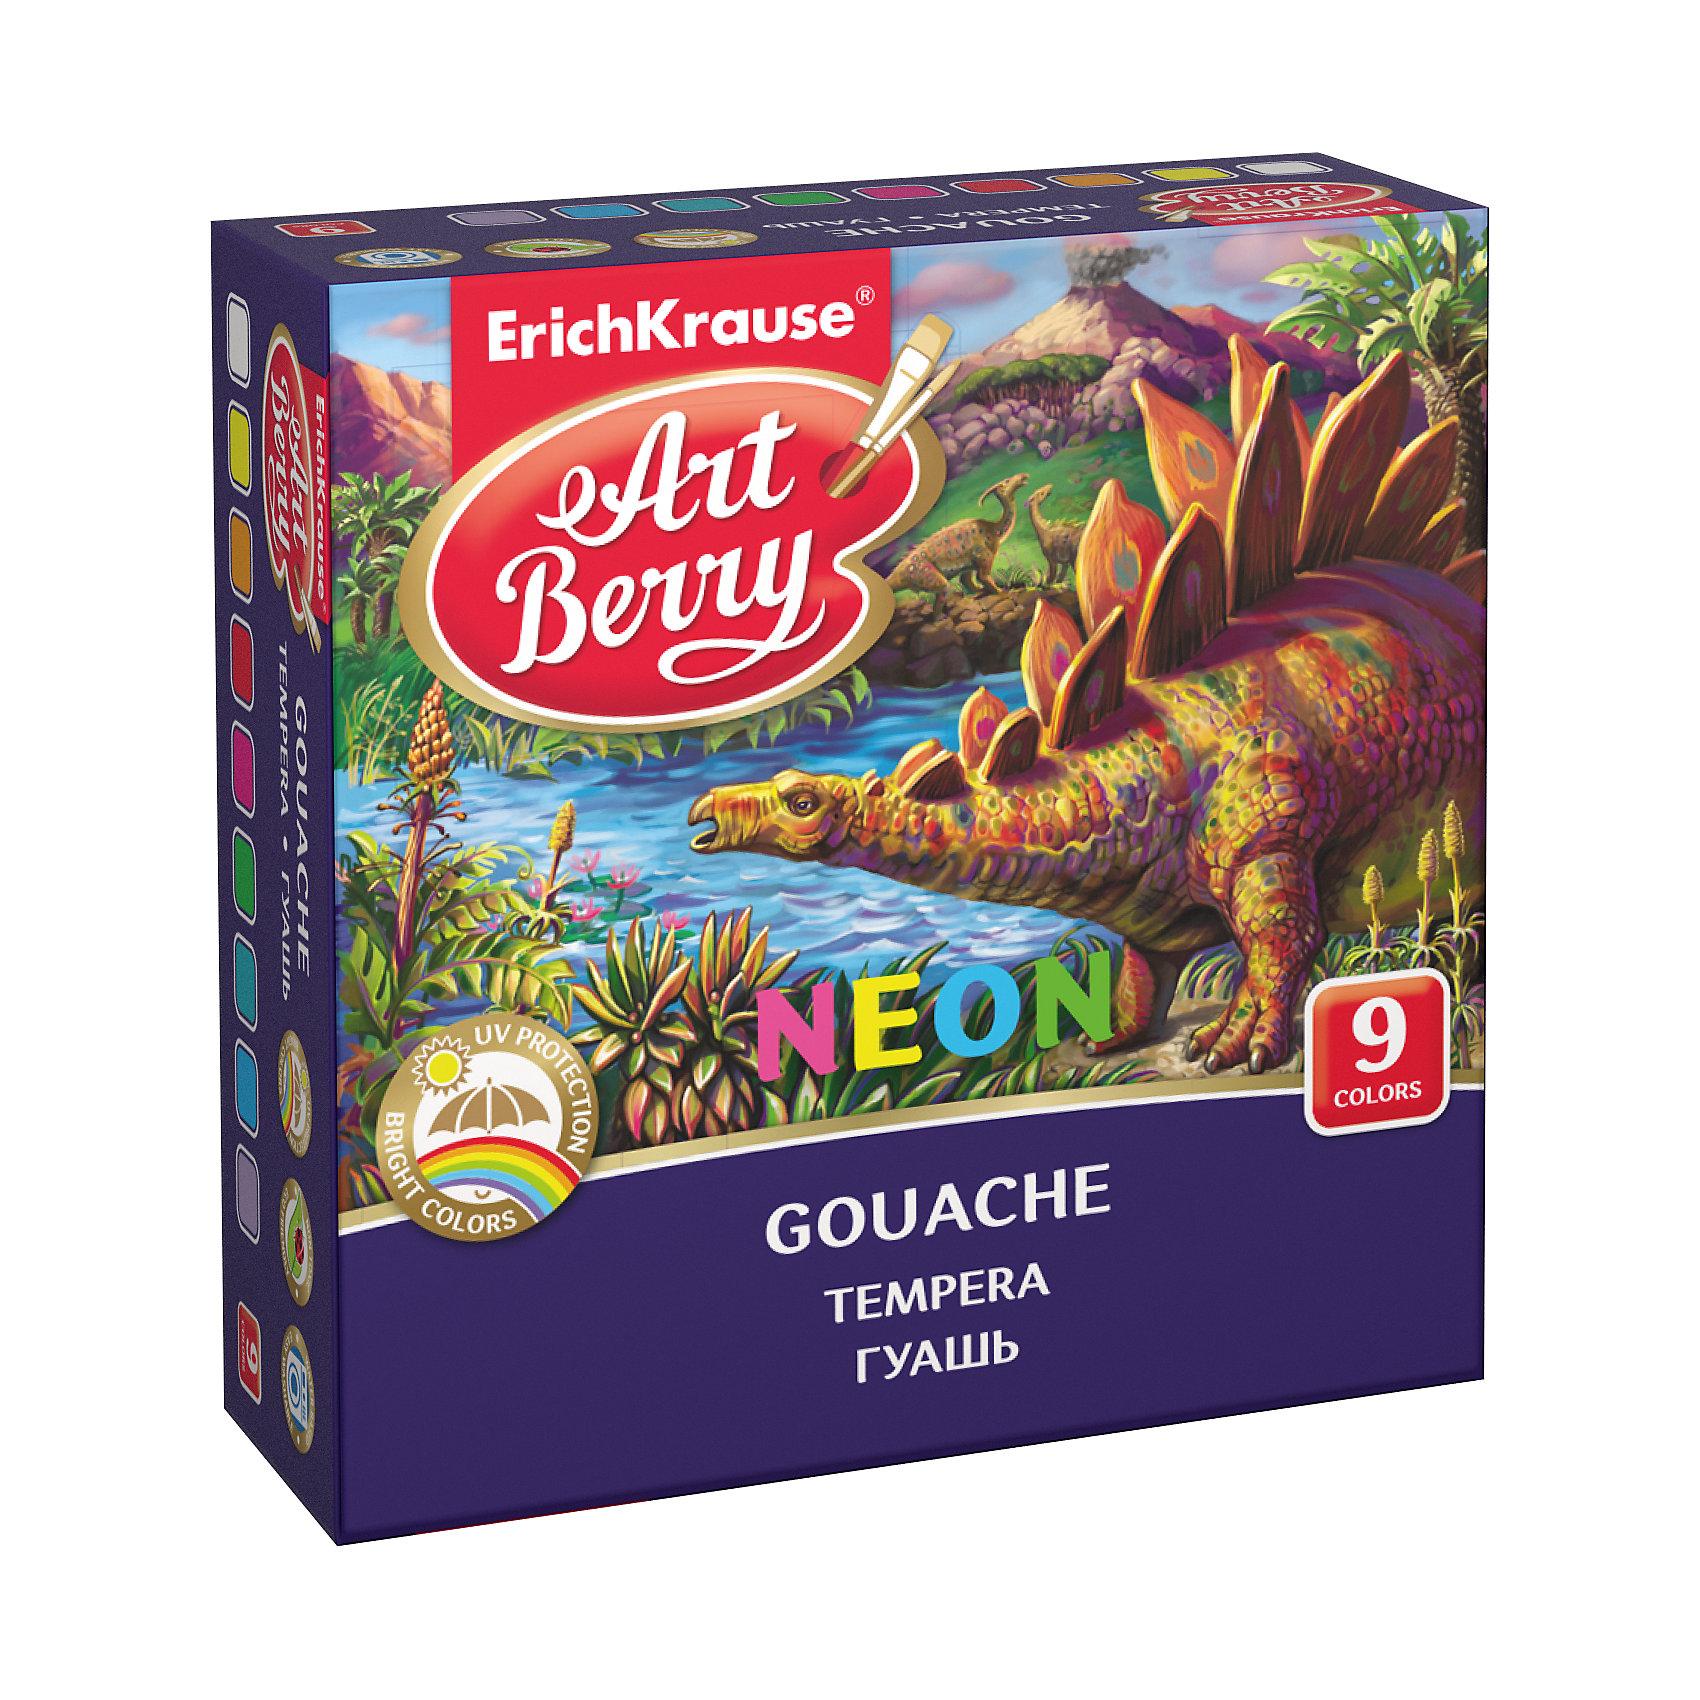 Гуашь ArtBerry Неон с УФ защитой яркости, 9 цветов по 20млХарактеристики гуаши ArtBerry Неон 9 цветов:<br><br>• возраст: от 5 лет<br>• пол: для мальчиков и девочек<br>• комплект: 6 баночек с краской.<br>• материал: пластик, краситель, связующее вещество.<br>• размер упаковки: 12.5x8x4.5 см.<br>• упаковка: картонная коробка<br>• объем баночки: 20 мл.<br>• назначение: детское творчество, художественно-оформительские работы, роспись, живопись.<br>• бренд: Erich Krause<br>• страна обладатель бренда: Россия<br><br>Яркие и насыщенные цвета гуаши легко смешиваются, образуя новые оттенки. Можно использовать не только на бумаге, но и на других поверхностях, в том числе раскрашивать поделки из пластилина, картона, фанеры и т.п. Баночки легко открываются и закрываются. При высыхании краска приобретает матовую, бархатистую поверхность и совершенно безопасна при использовании. <br><br>Гуашь Artberry поможет вашему ребёнку создавать красивые яркие картинки, выдумывать невероятные сюжеты и воплощать их в реальность, развивая цветовое восприятие, зрительную память, воображение, мелкую моторику пальцев, ассоциативное, аналитическое и творческое мышление.<br><br>Гуашь ArtBerry Неон с УФ защитой яркости 9 цветов торговой марки Erich Krause можно купить в нашем интернет-магазине.<br><br>Ширина мм: 119<br>Глубина мм: 116<br>Высота мм: 40<br>Вес г: 254<br>Возраст от месяцев: 60<br>Возраст до месяцев: 216<br>Пол: Унисекс<br>Возраст: Детский<br>SKU: 5409214